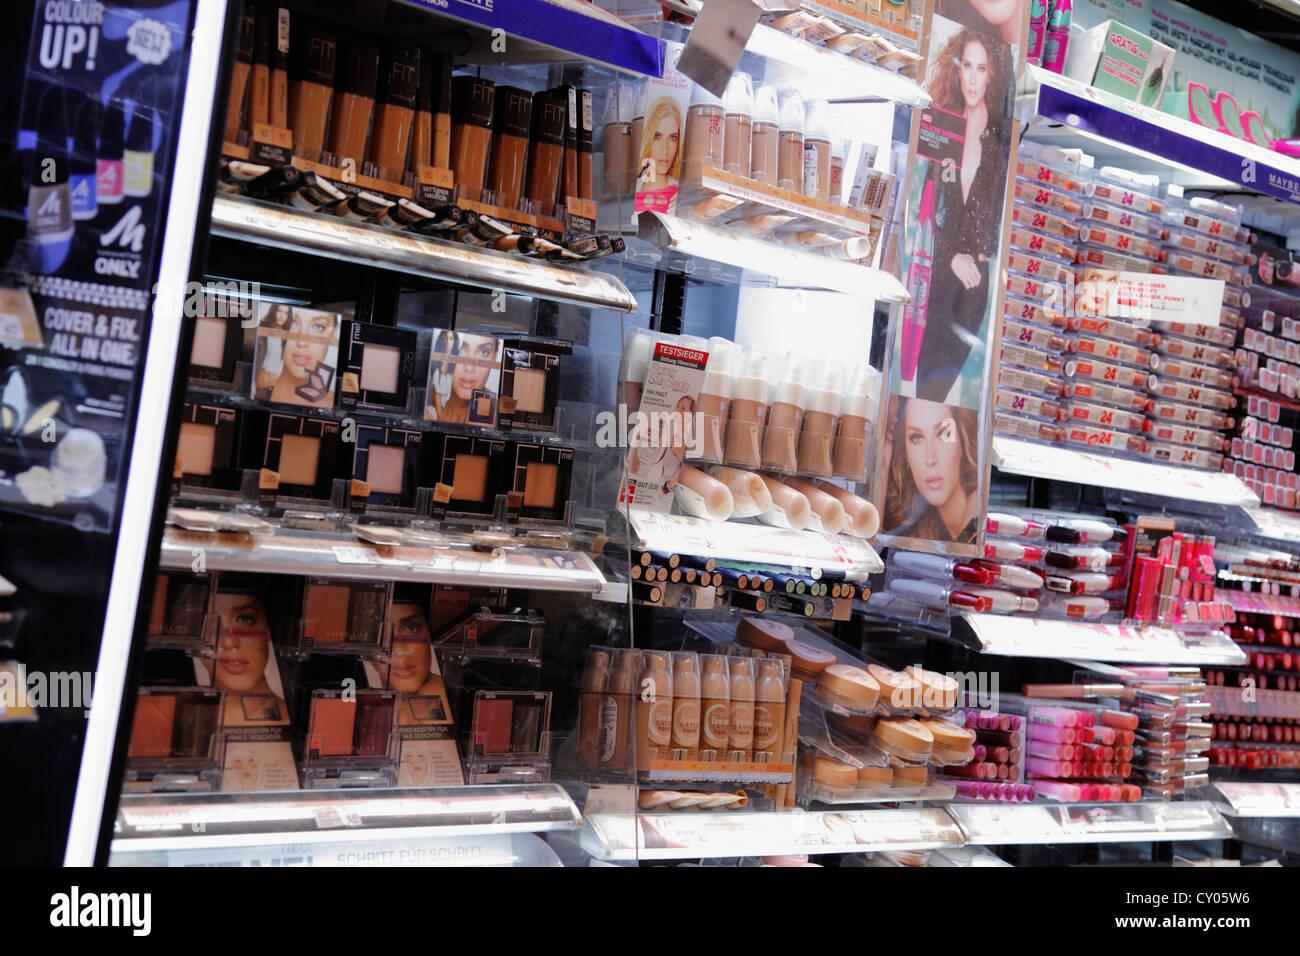 Kosmetik Regal in einem Schönheitssalon Stockbild